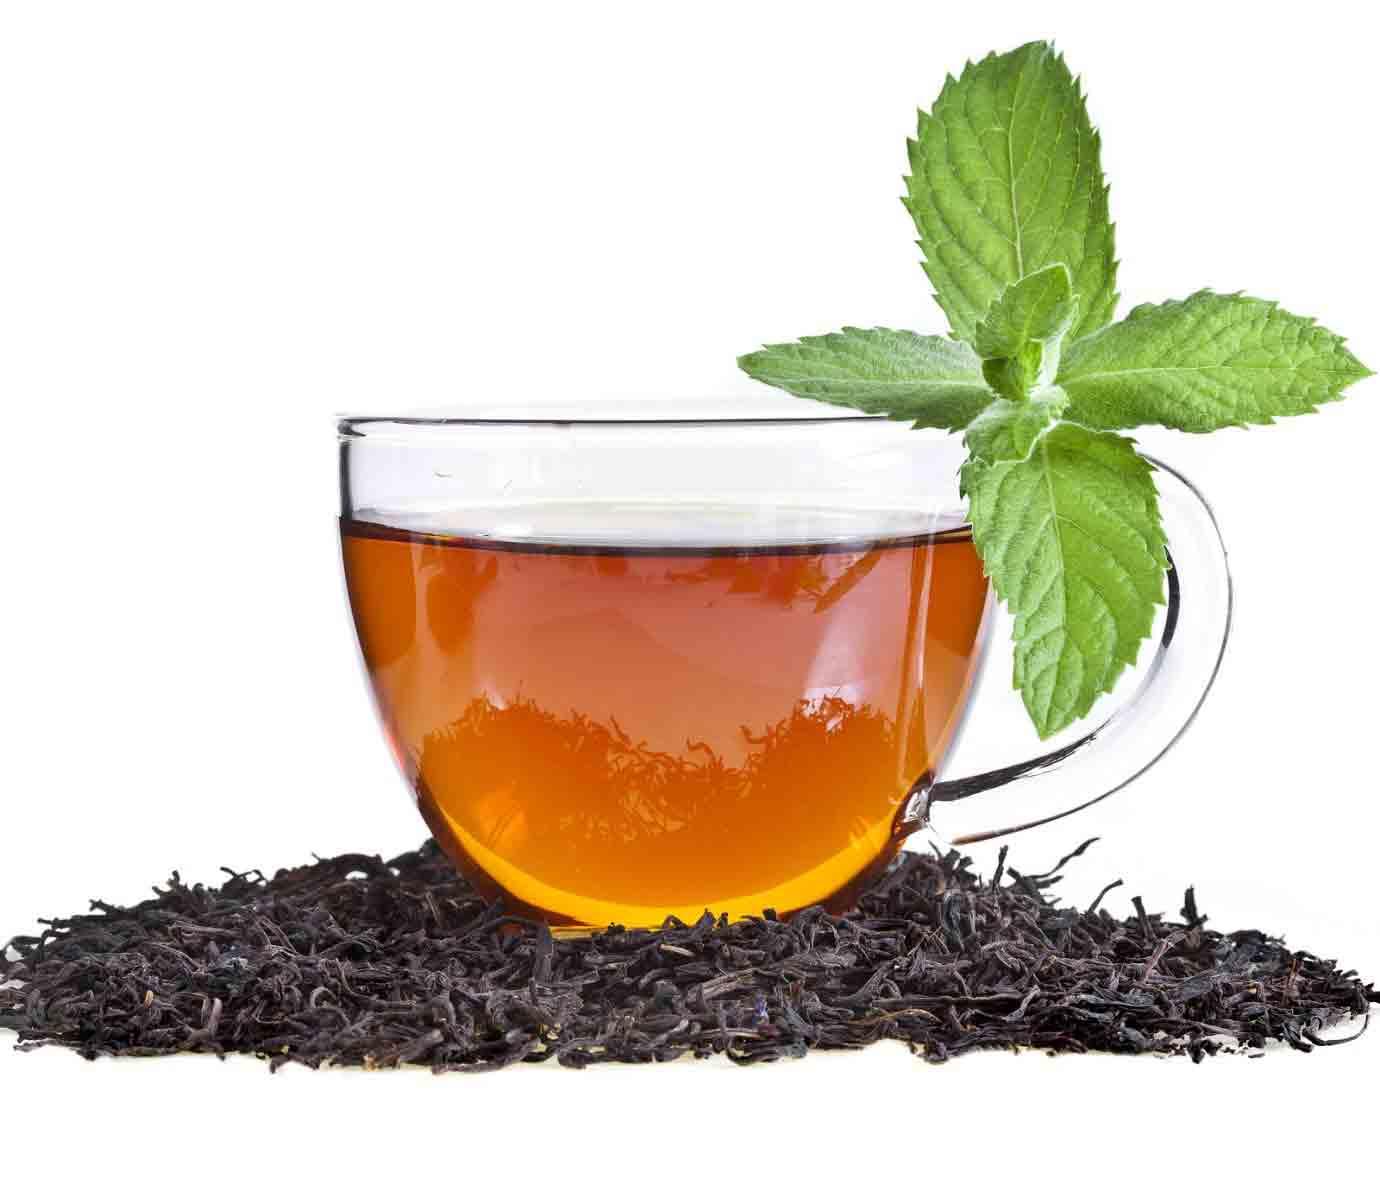 مصرف چای قبل از صبحانه در بانوان باردار موجب اختلال در گوارش میشود.